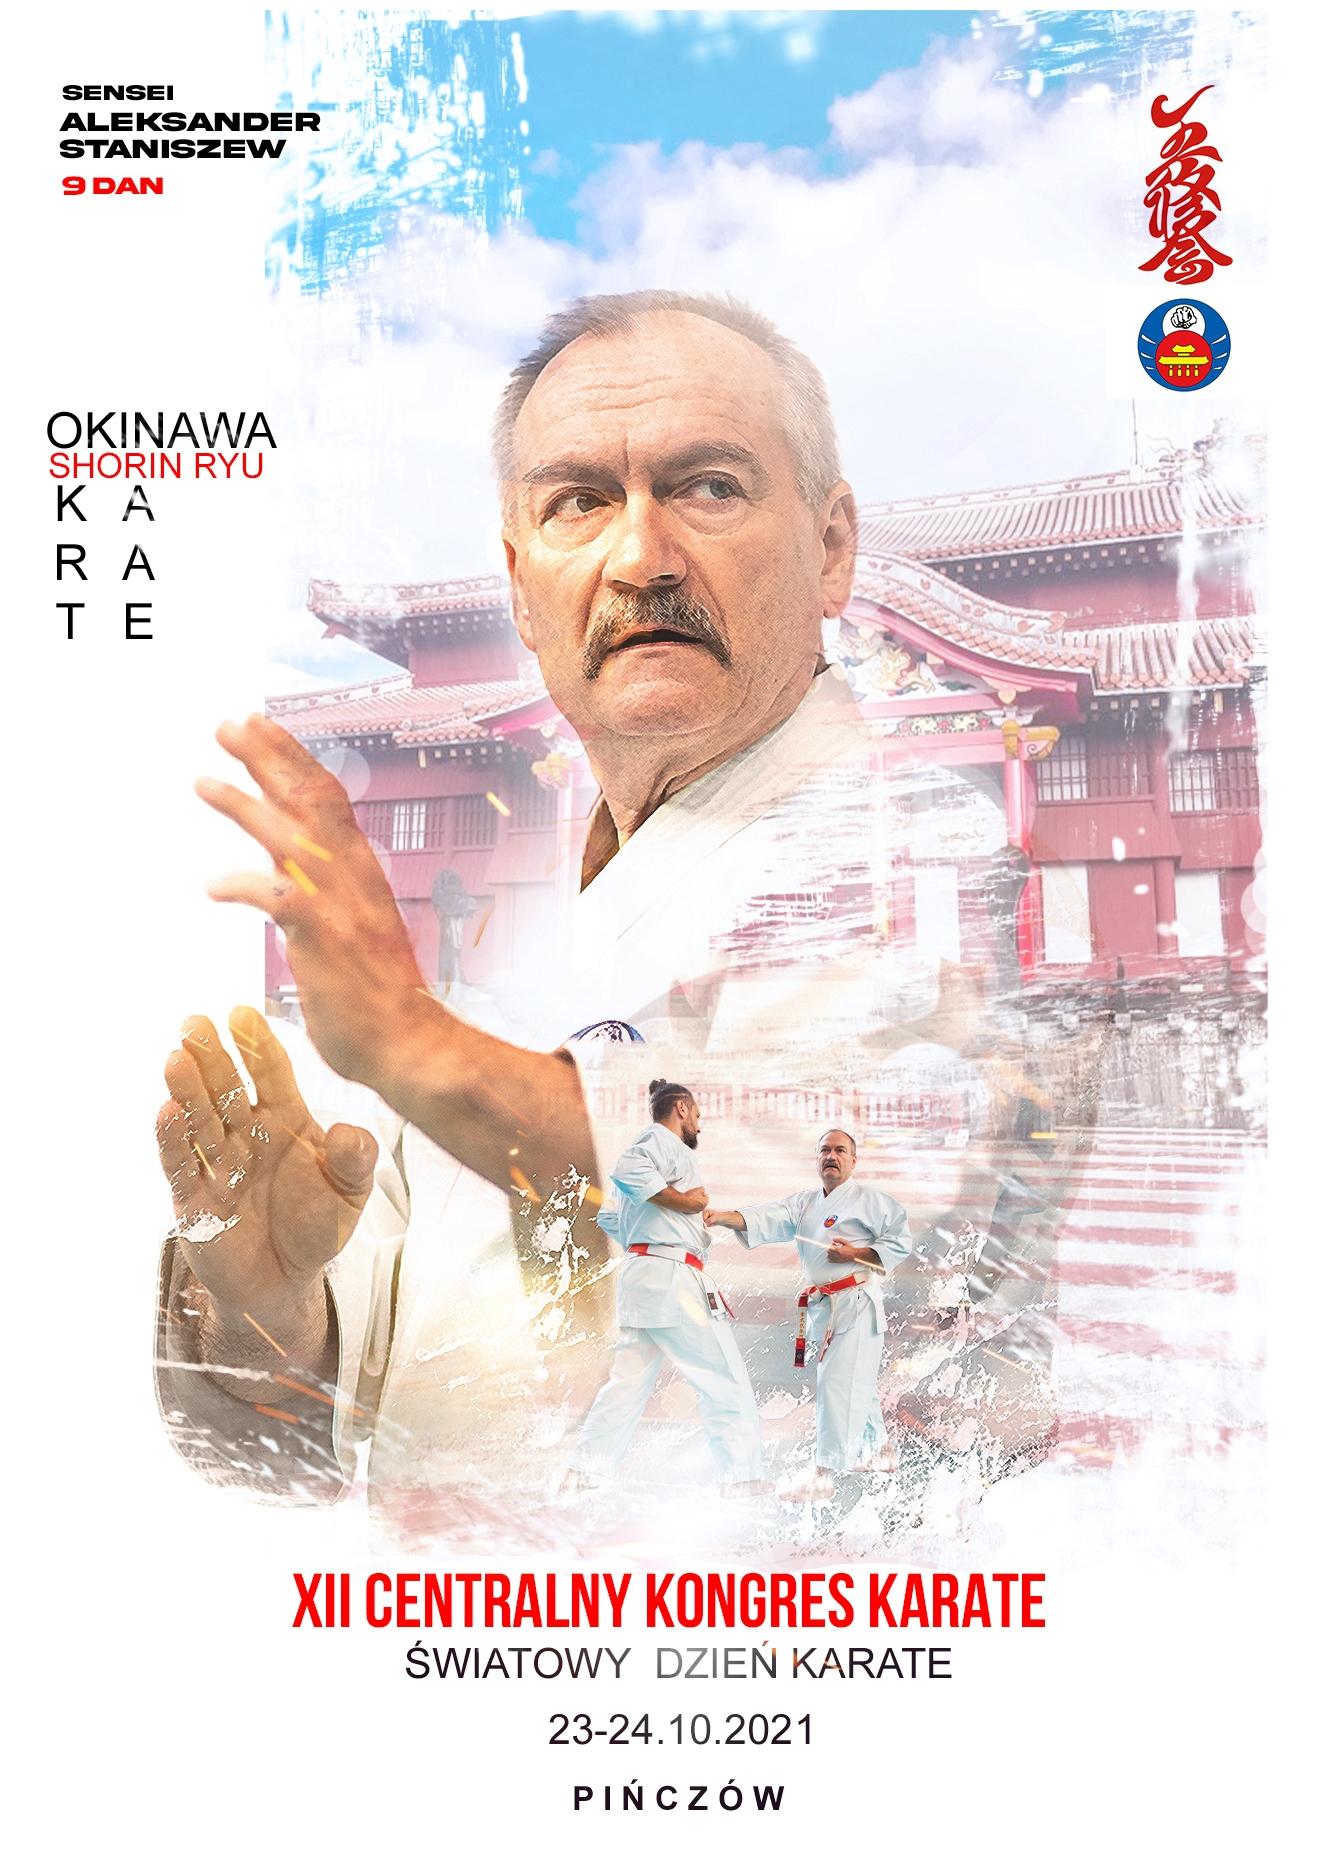 kongres karate 2021 pion